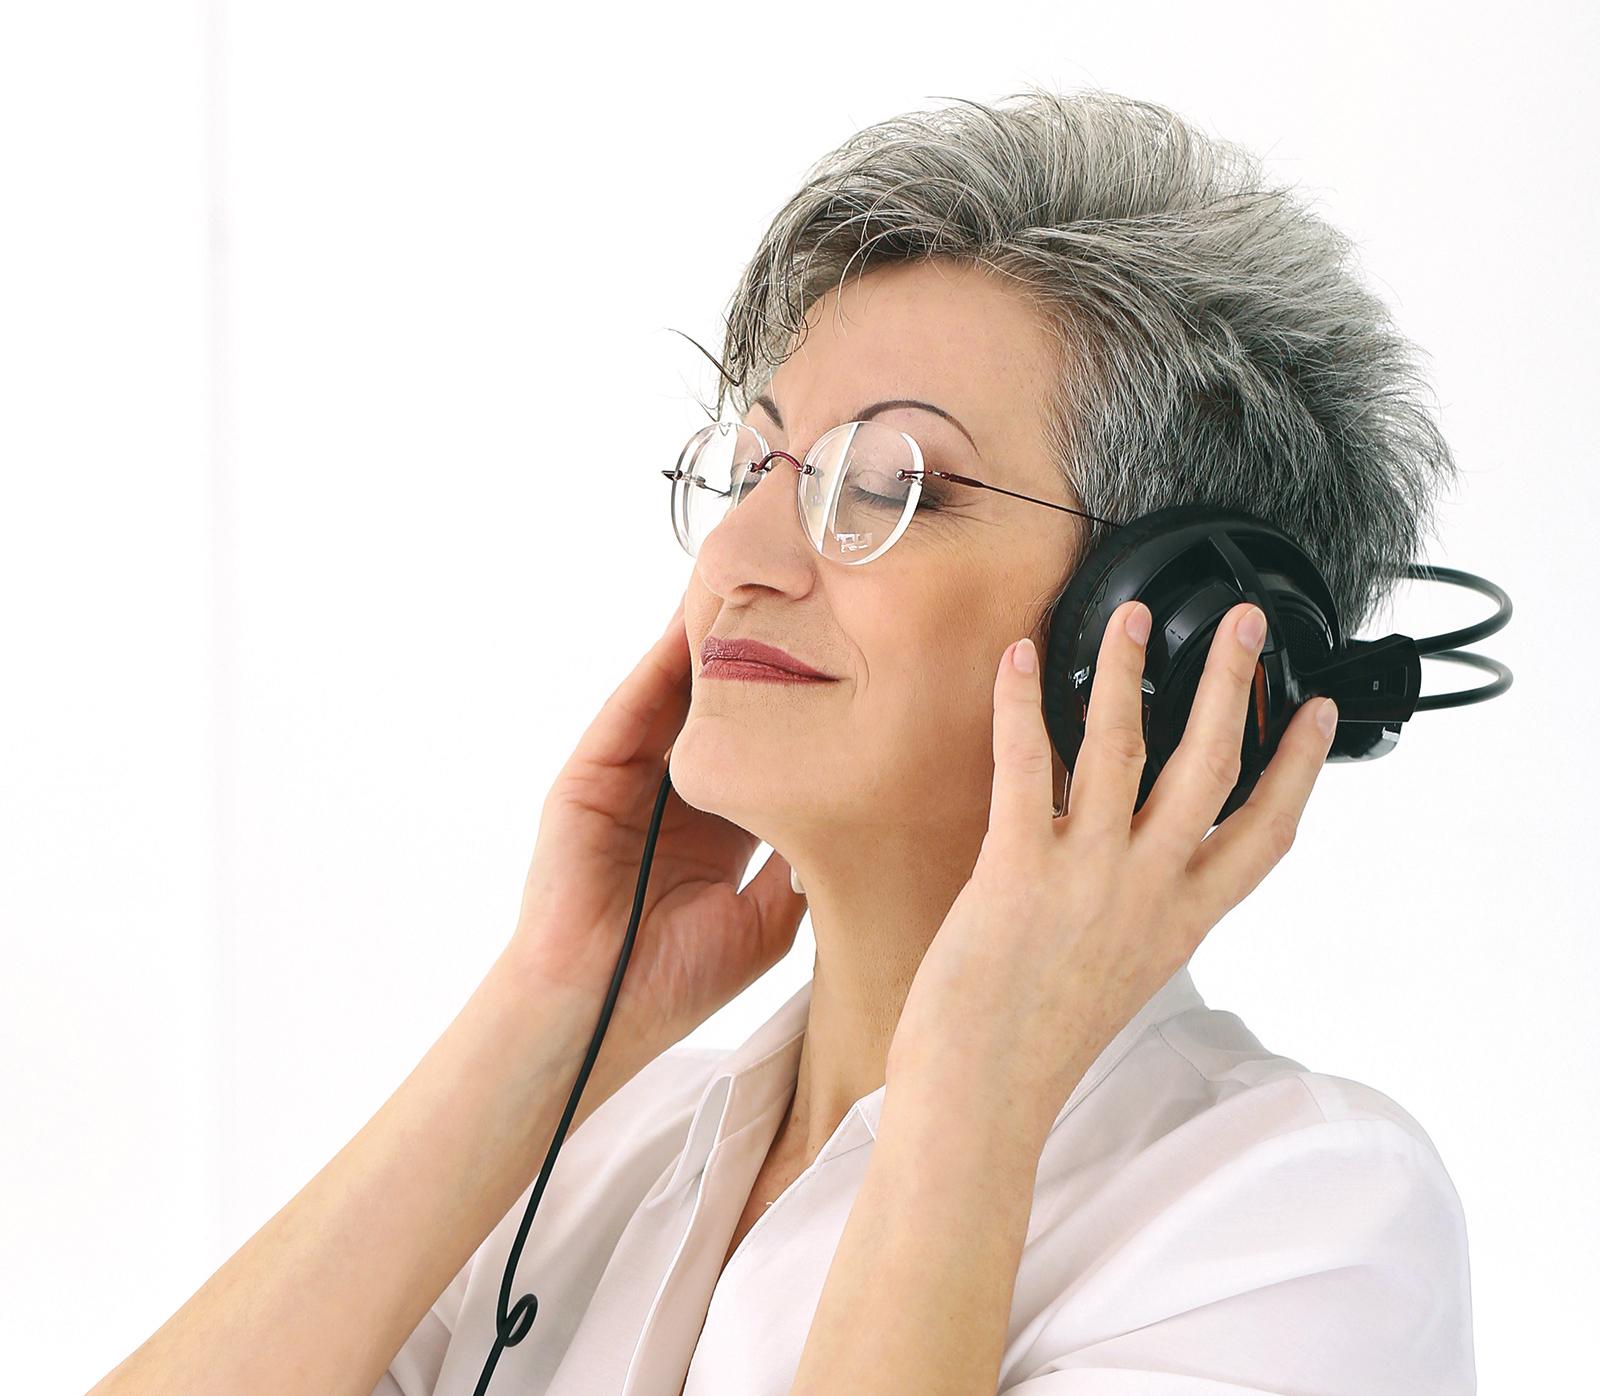 Choisir des écouteurs : avec ou sans fils?